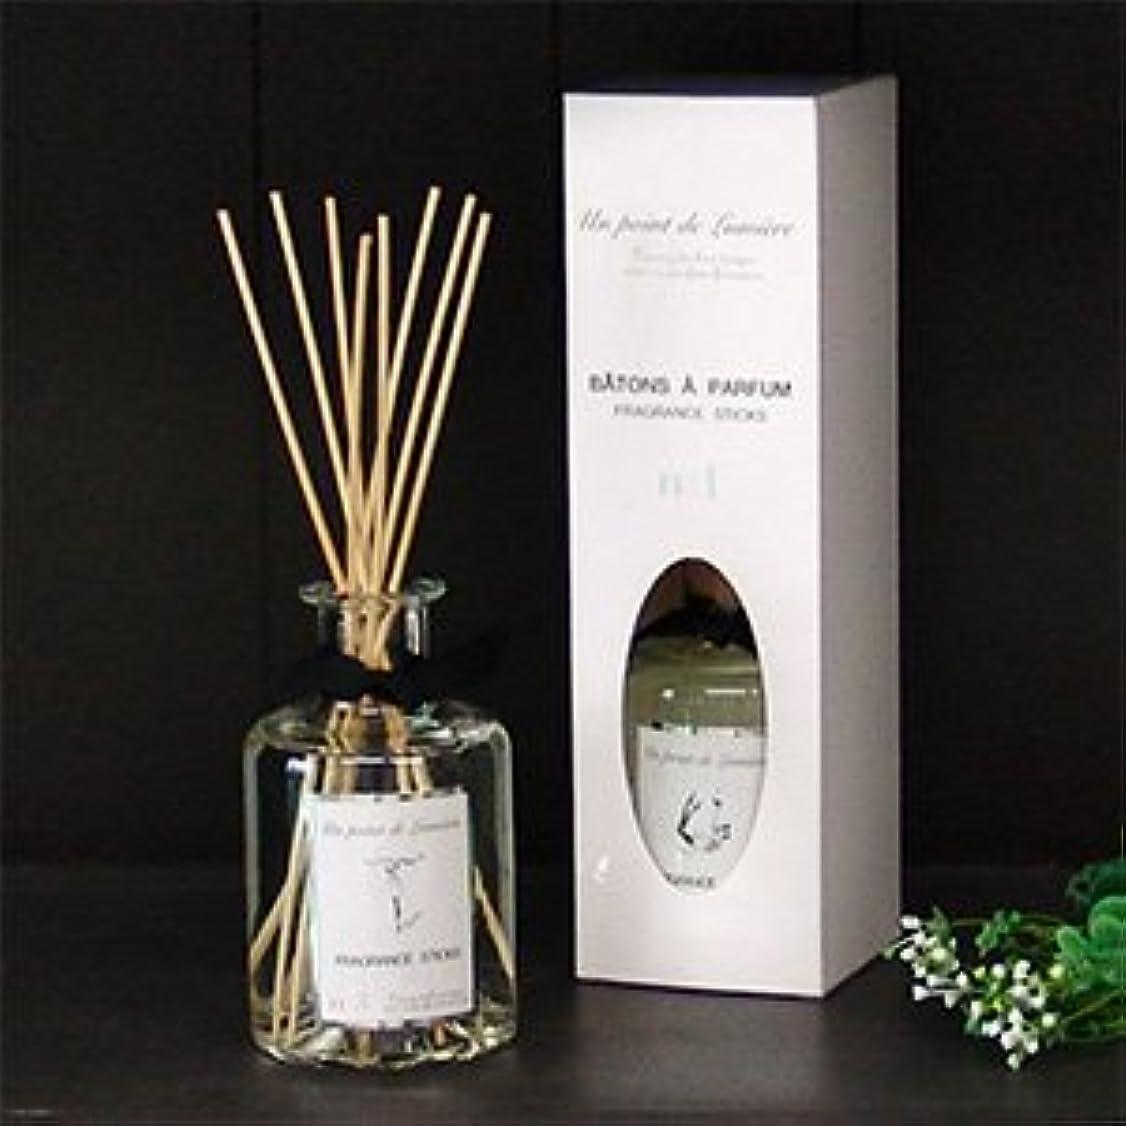 飾る葉を集めるチャートSenteur et Beaute(サンタールエボーテ) Un point de Lumiere(ポワンルミエールシリーズ) フレグランスブーケ 200ml 「no.2 ドゥ」 4994228024299